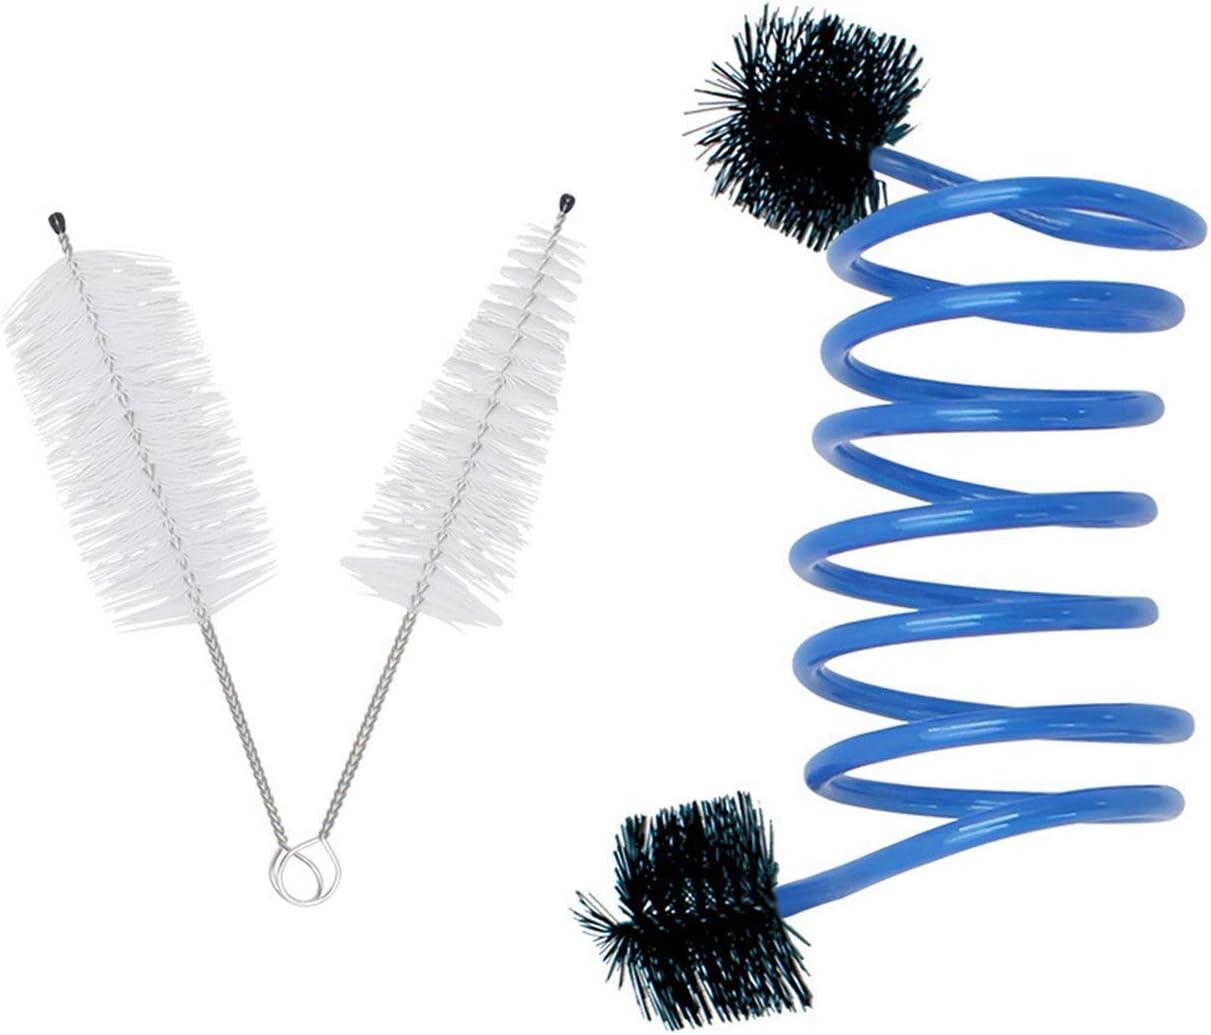 Bestlymood Kit de Cuidado de Limpieza de Mantenimiento de Trompeta 3 Cepillos En 1 Paquete